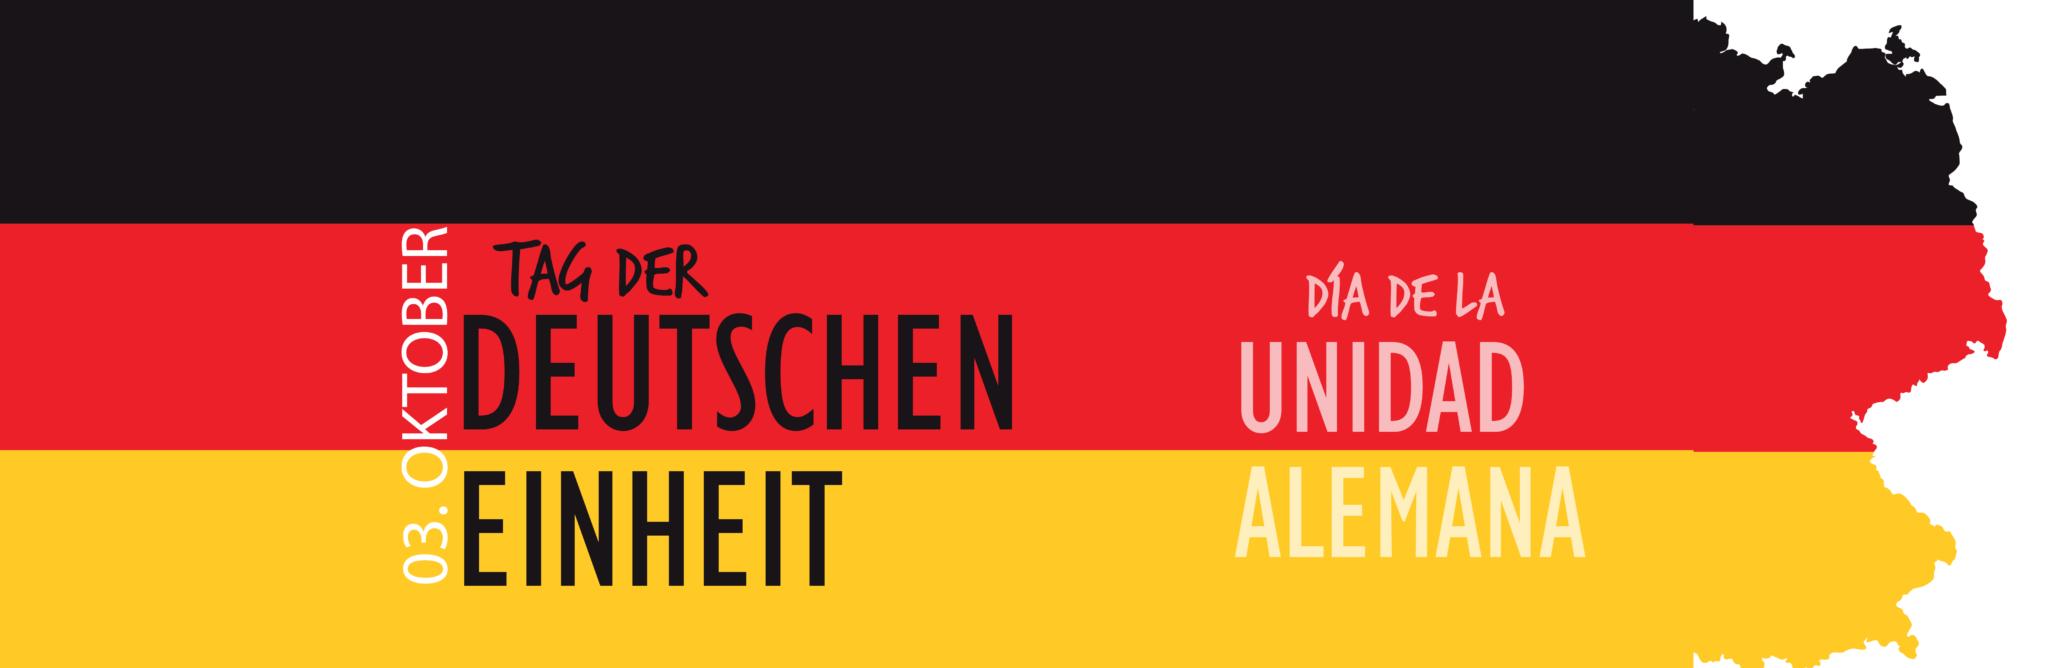 dia de la reunificacion alemana